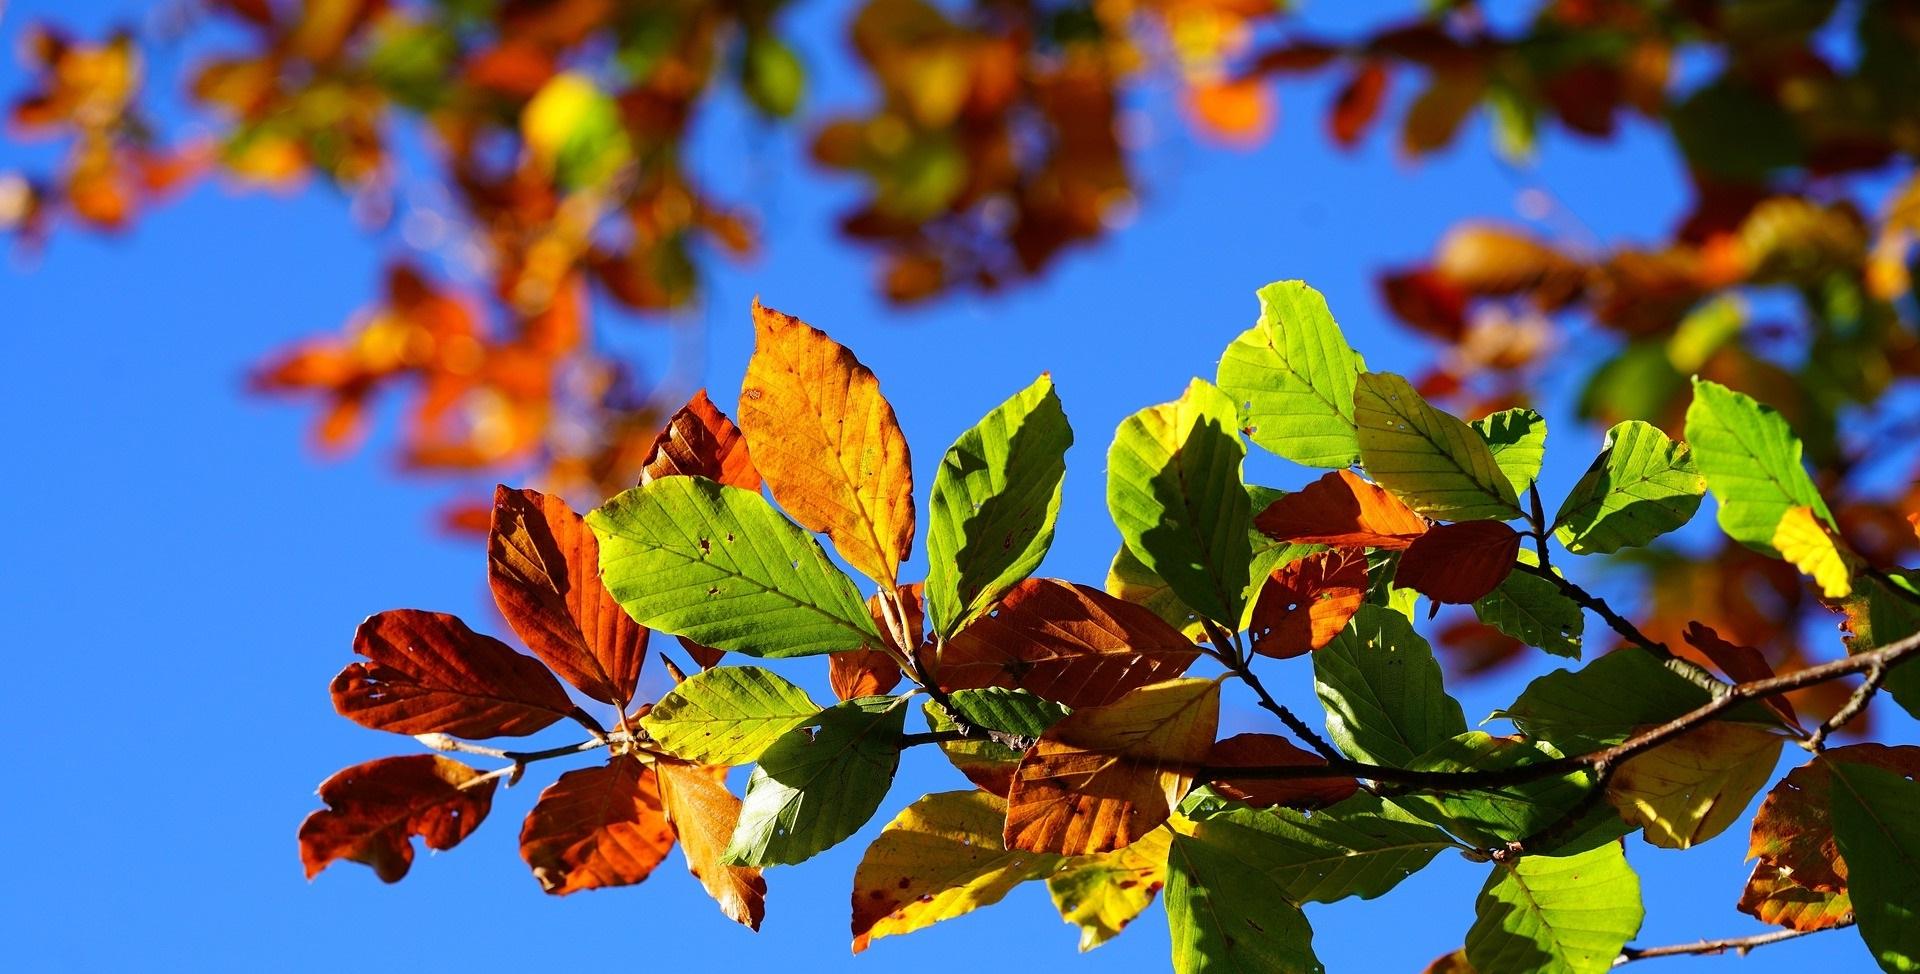 Gröna och höstfärgade löv på gren mot blå himmelsbakgrund.